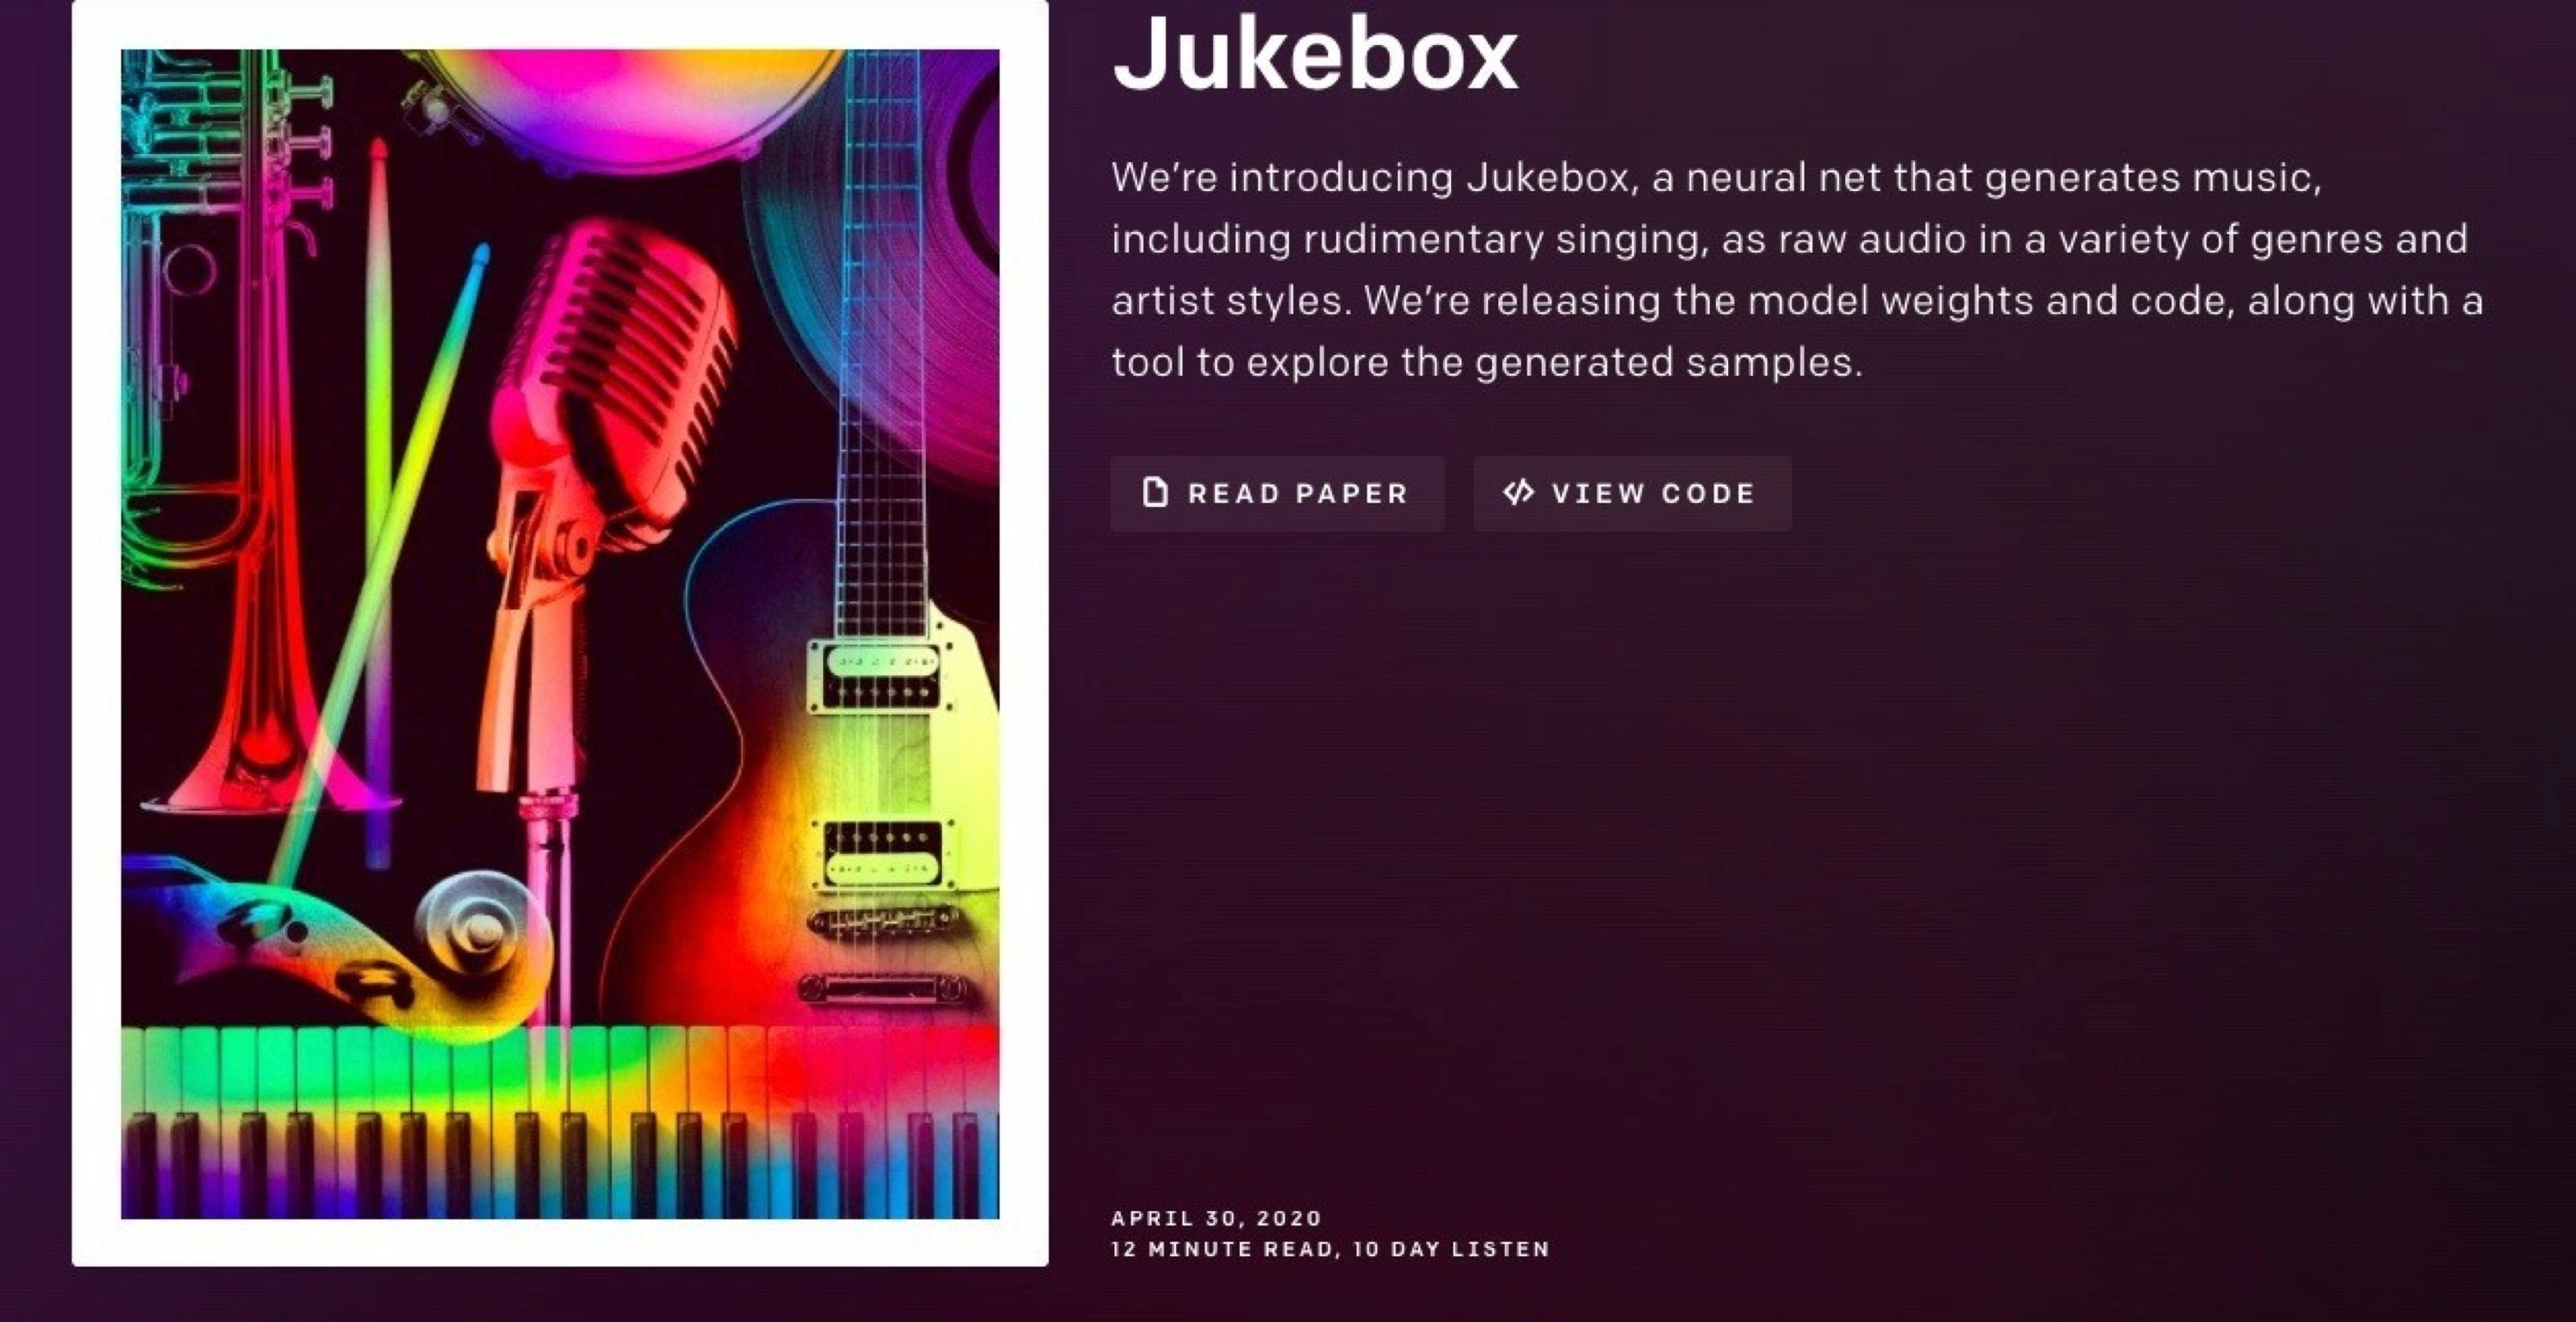 音楽のディープフェイク?Open AIのJukebox解説